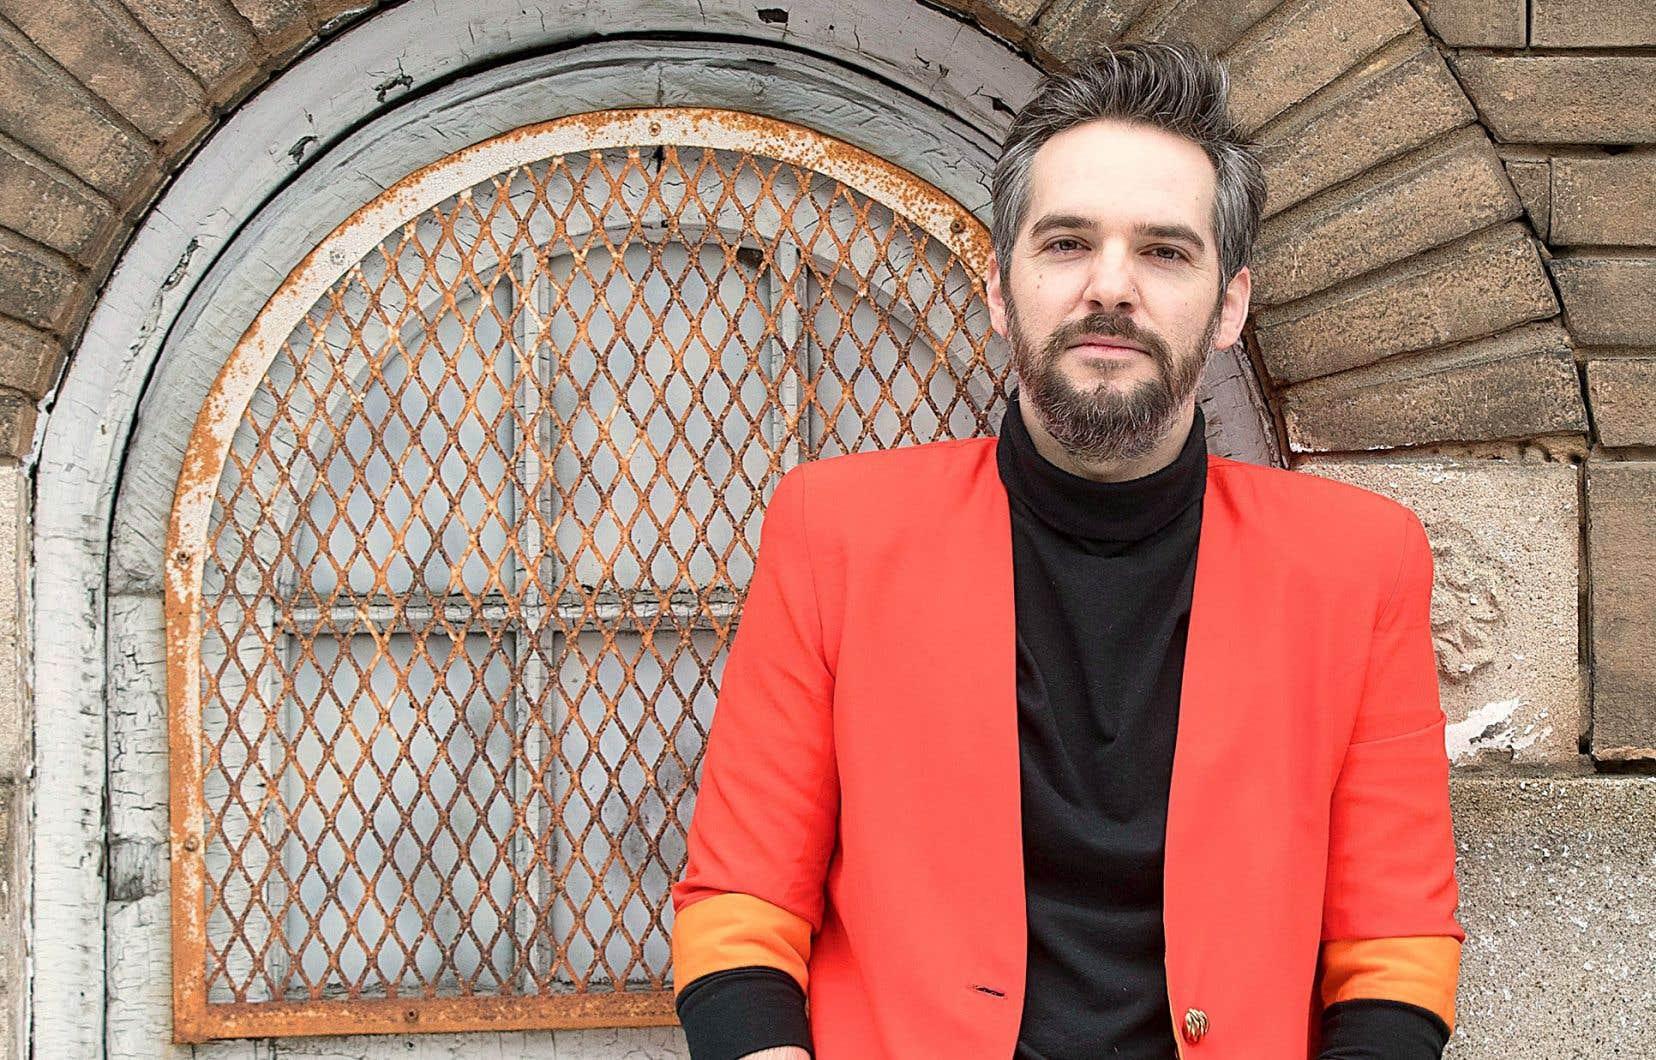 Le concert de samedi de Mat Vezio sera plus proche du «mur du son» que de la délicatesse, dit-il en rigolant.